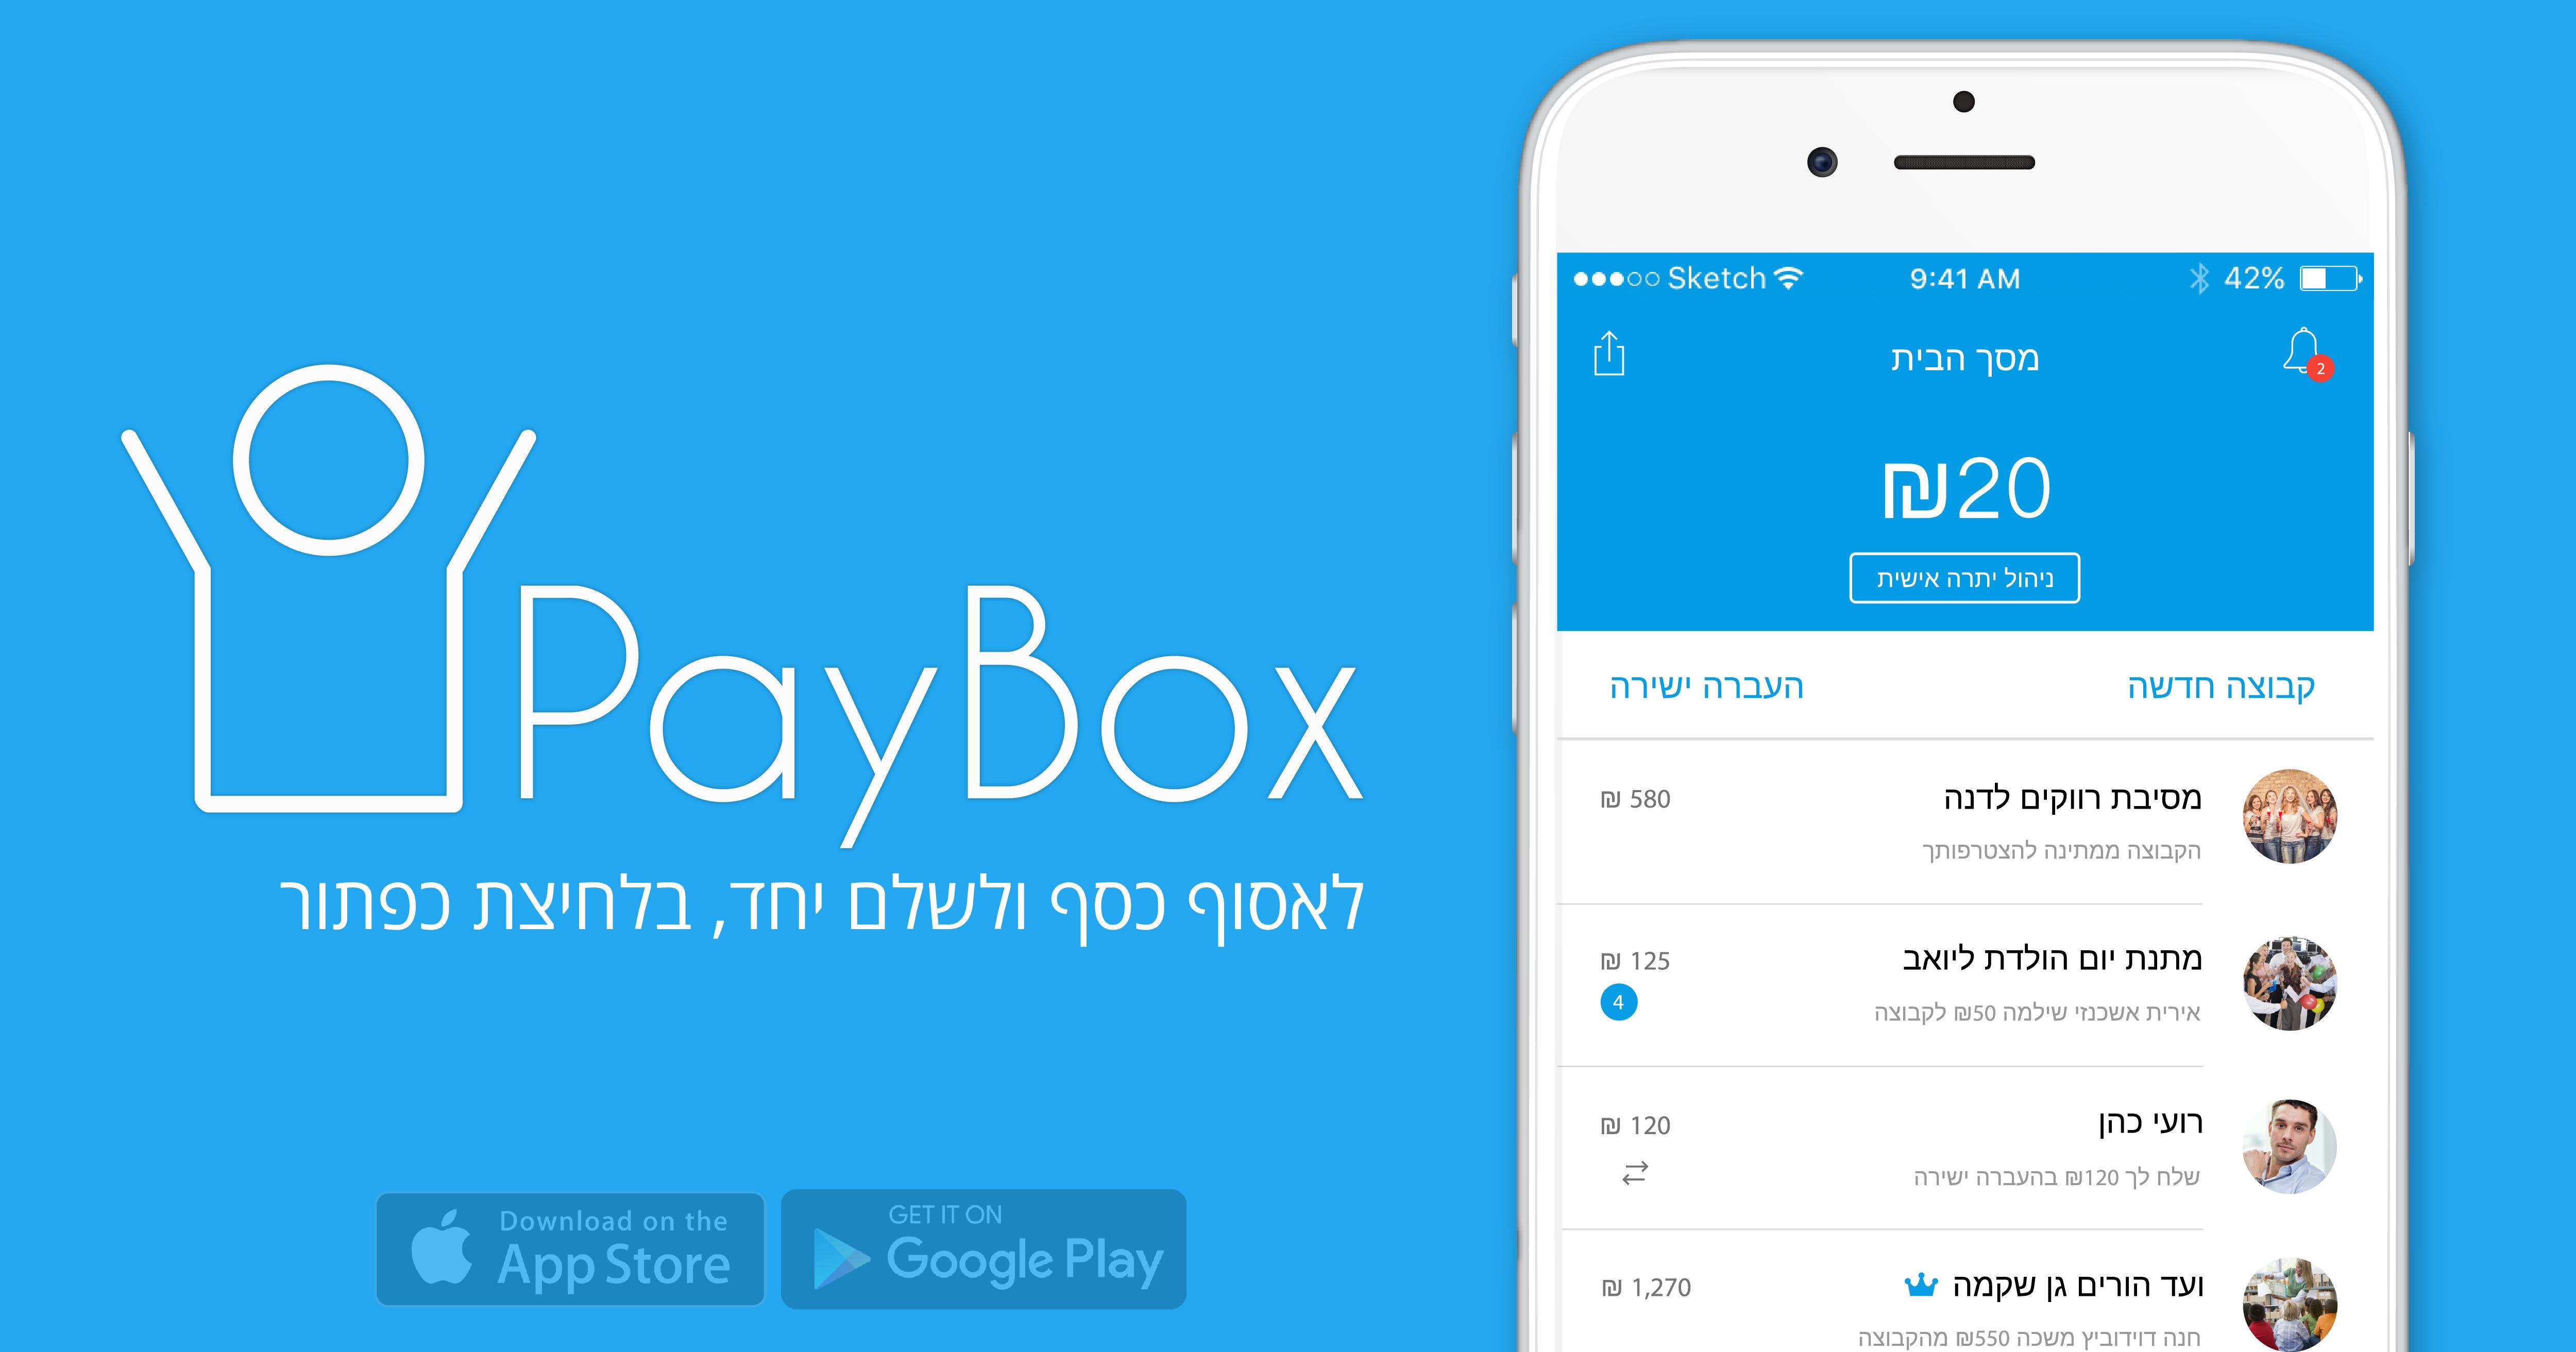 דליפת הנתונים בפייבוקס: החברה מבוטחת באמצעות ברוקר הביטוח מארש ישראל